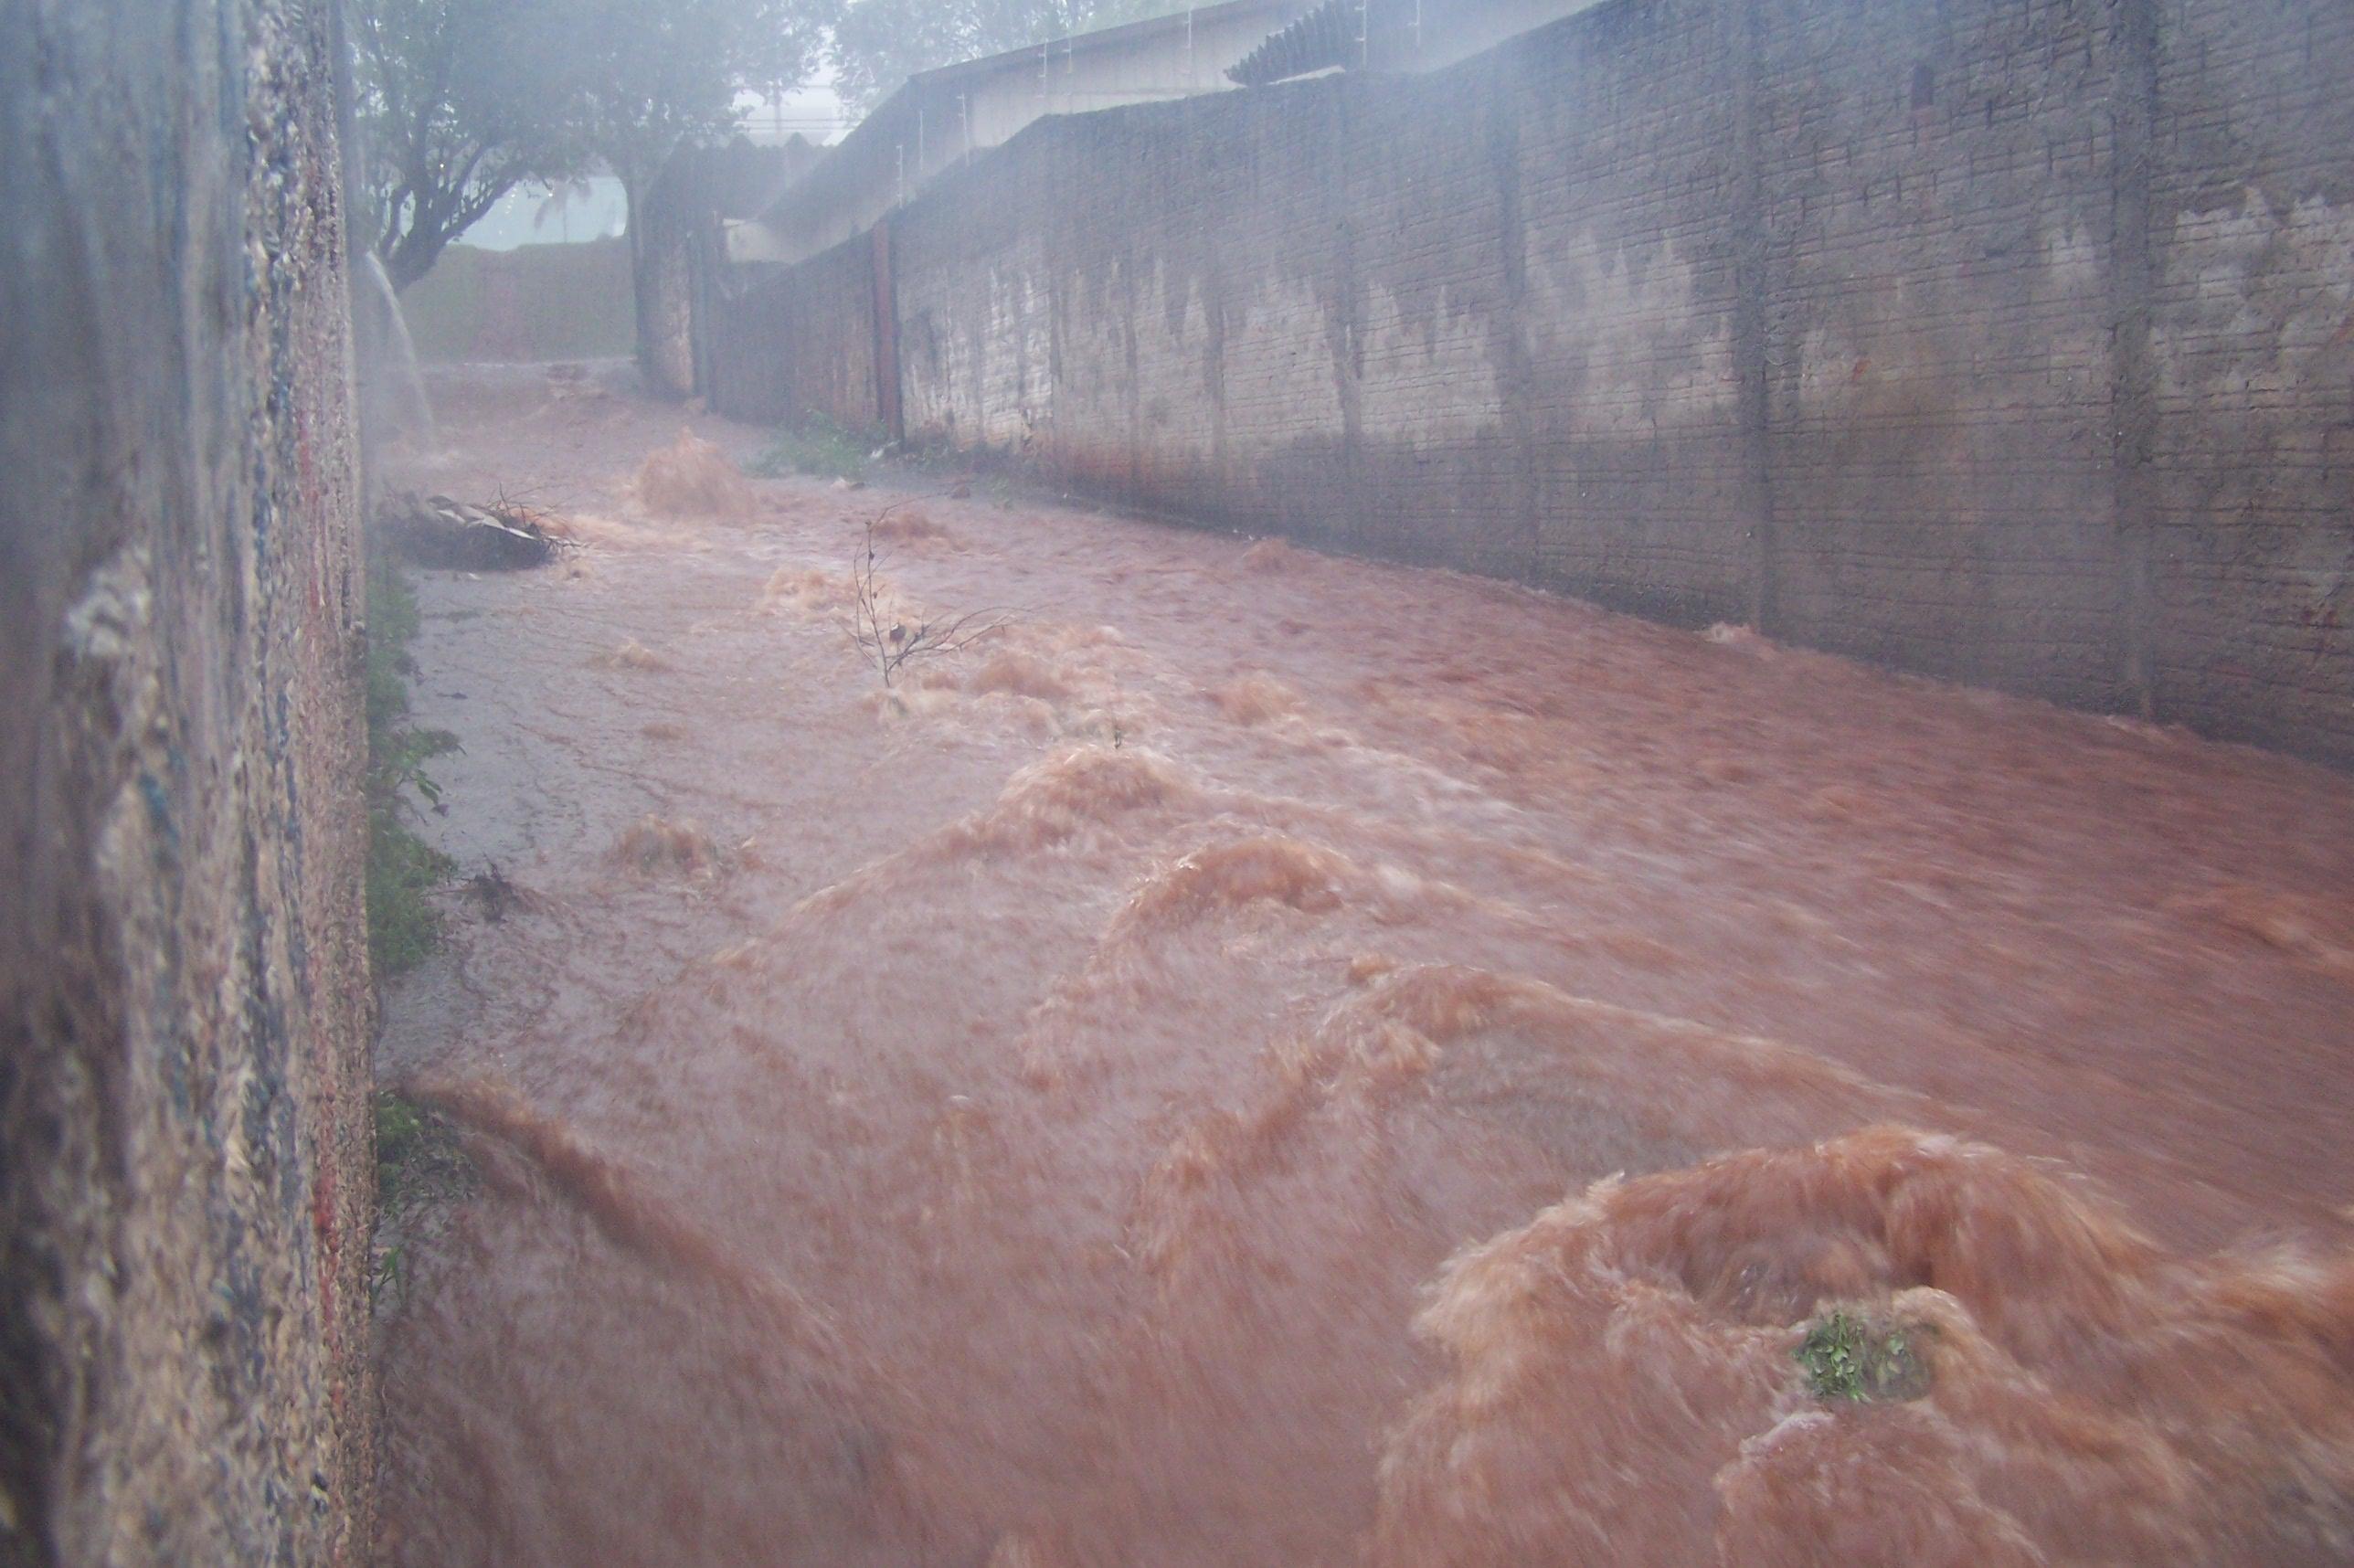 O fim de semana foi com muita chuva em Cambé